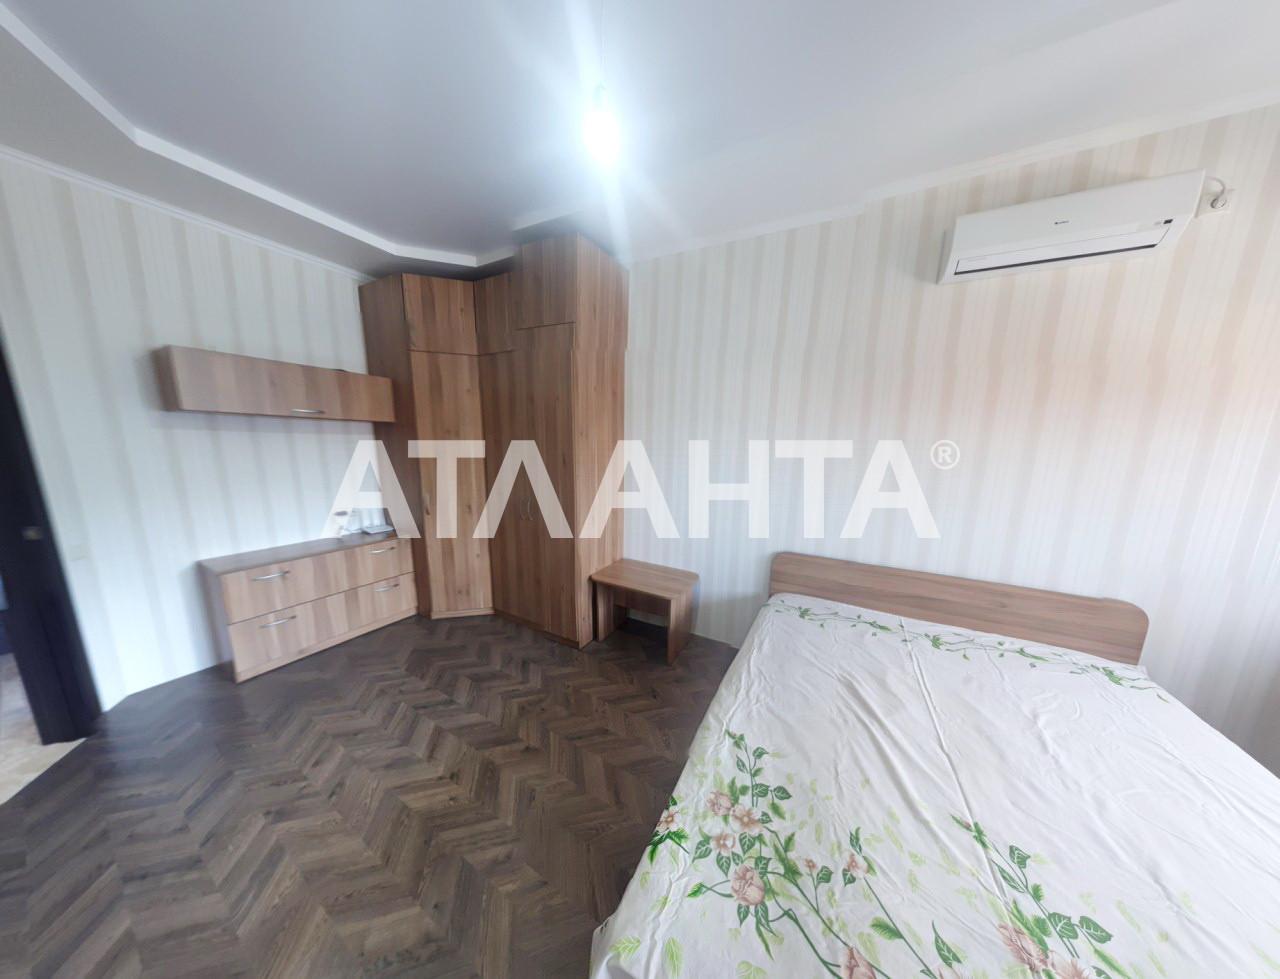 Продается 1-комнатная Квартира на ул. Ул. Вильямса — 60 000 у.е. (фото №14)